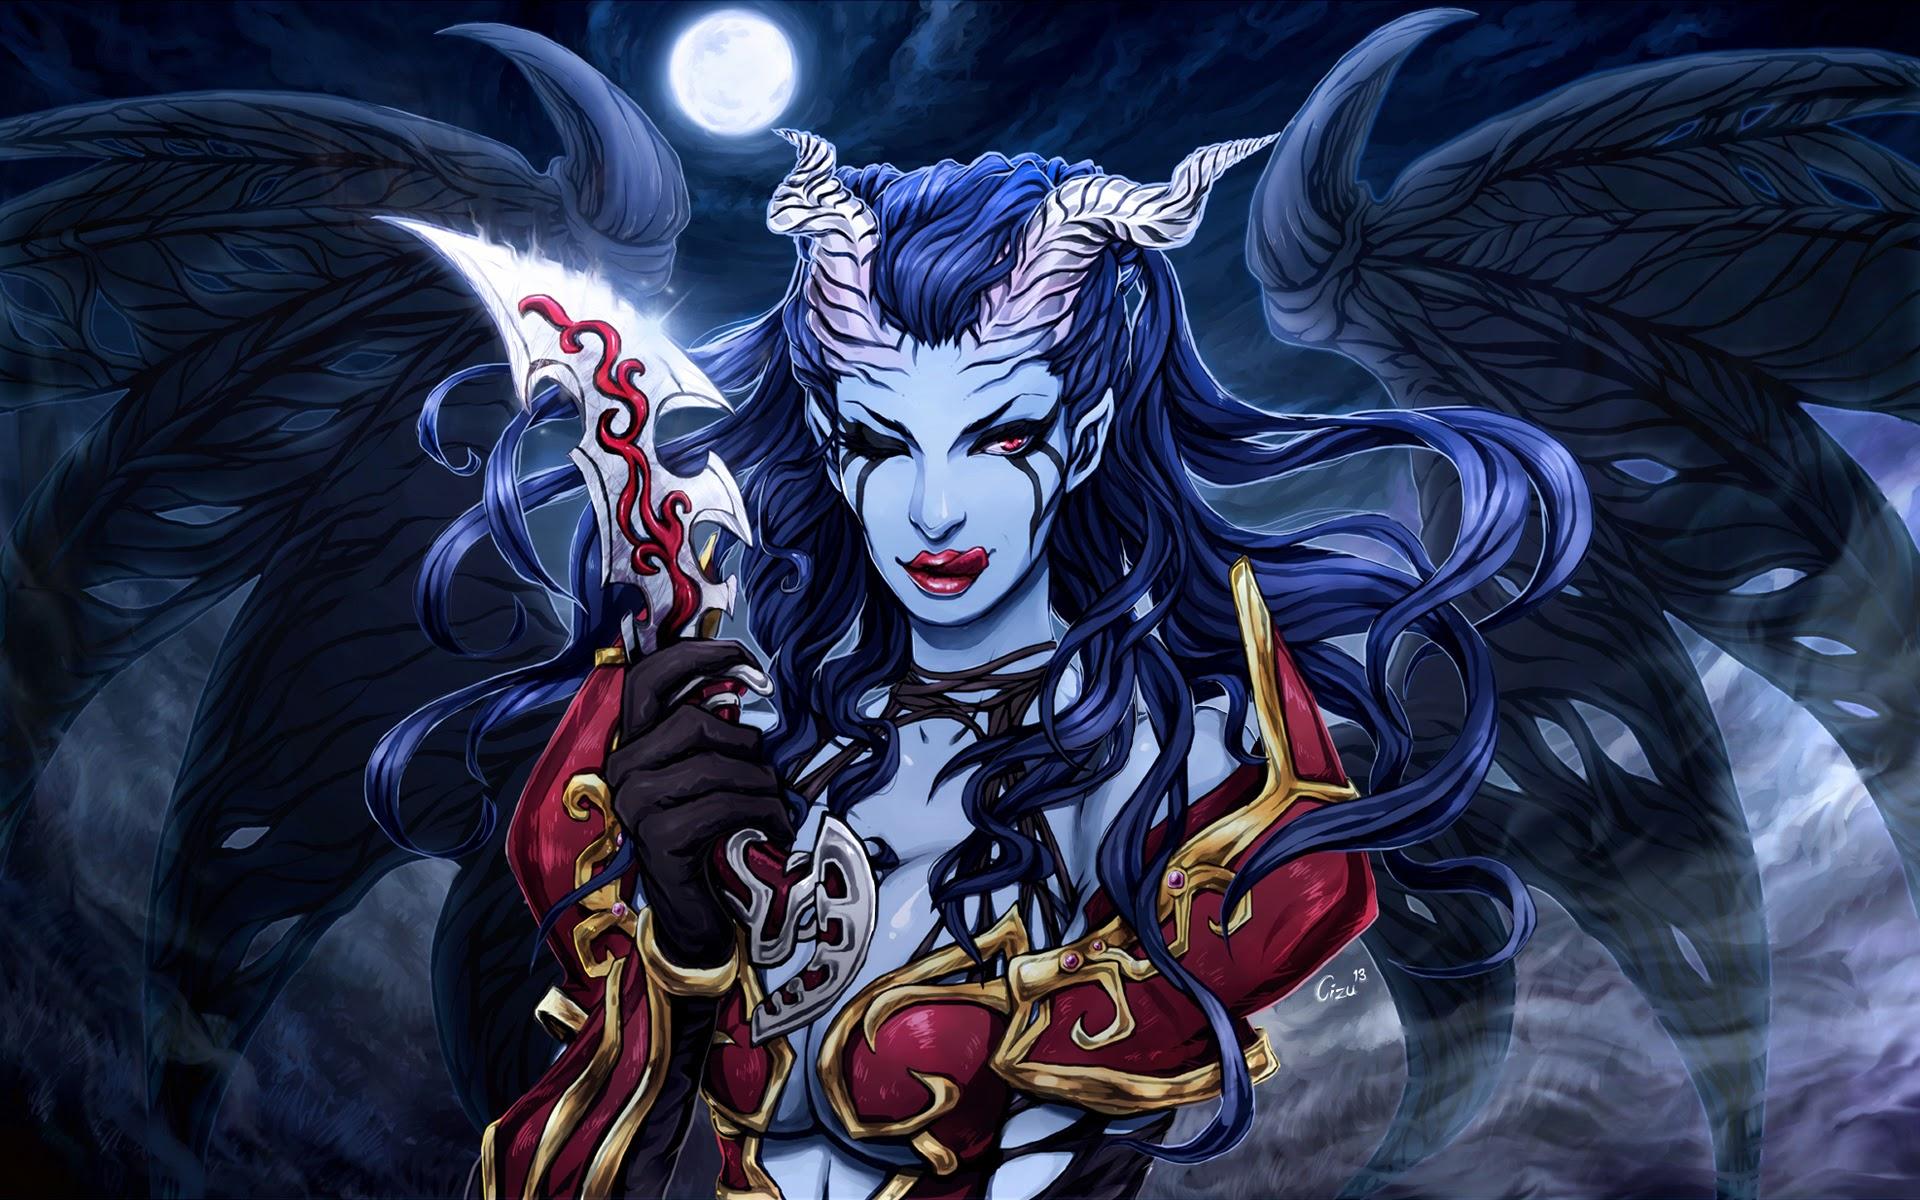 akasha queen of pain dota 2 hd wallpaper hero girl 1920x1200    Queen Of Pain Dota